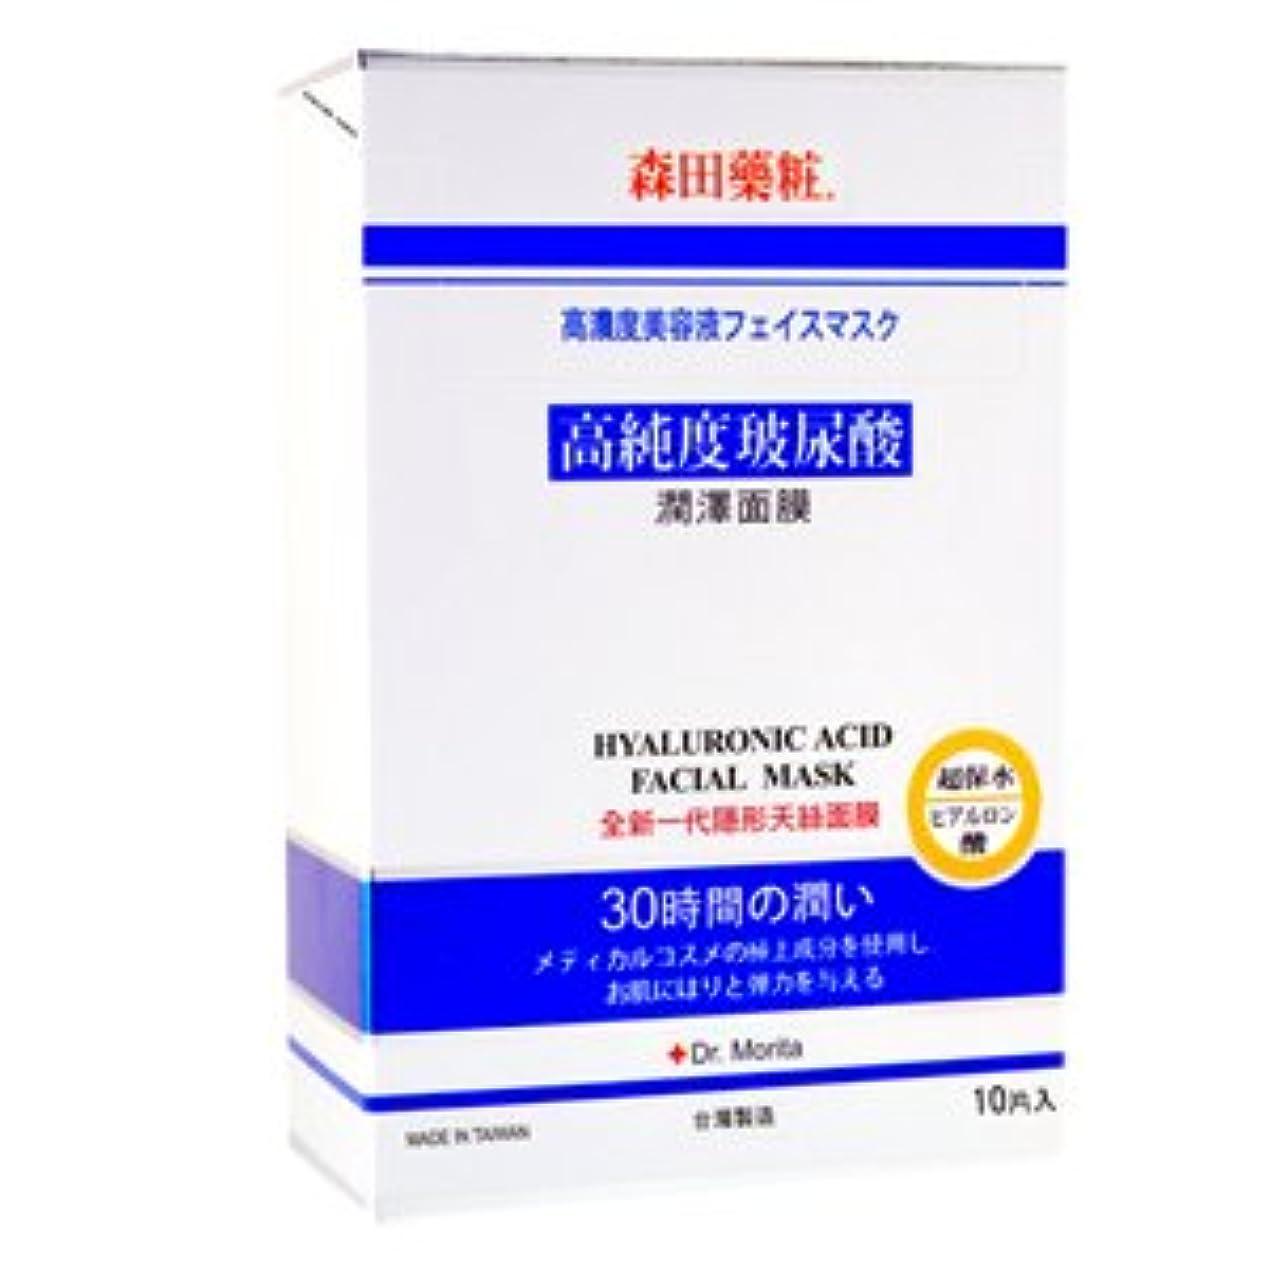 《森田薬粧》高純度玻尿酸潤澤面膜 [10入] (高純度ヒアルロン酸-フェイスパックマスク) 《台湾 お土産》 [並行輸入品]